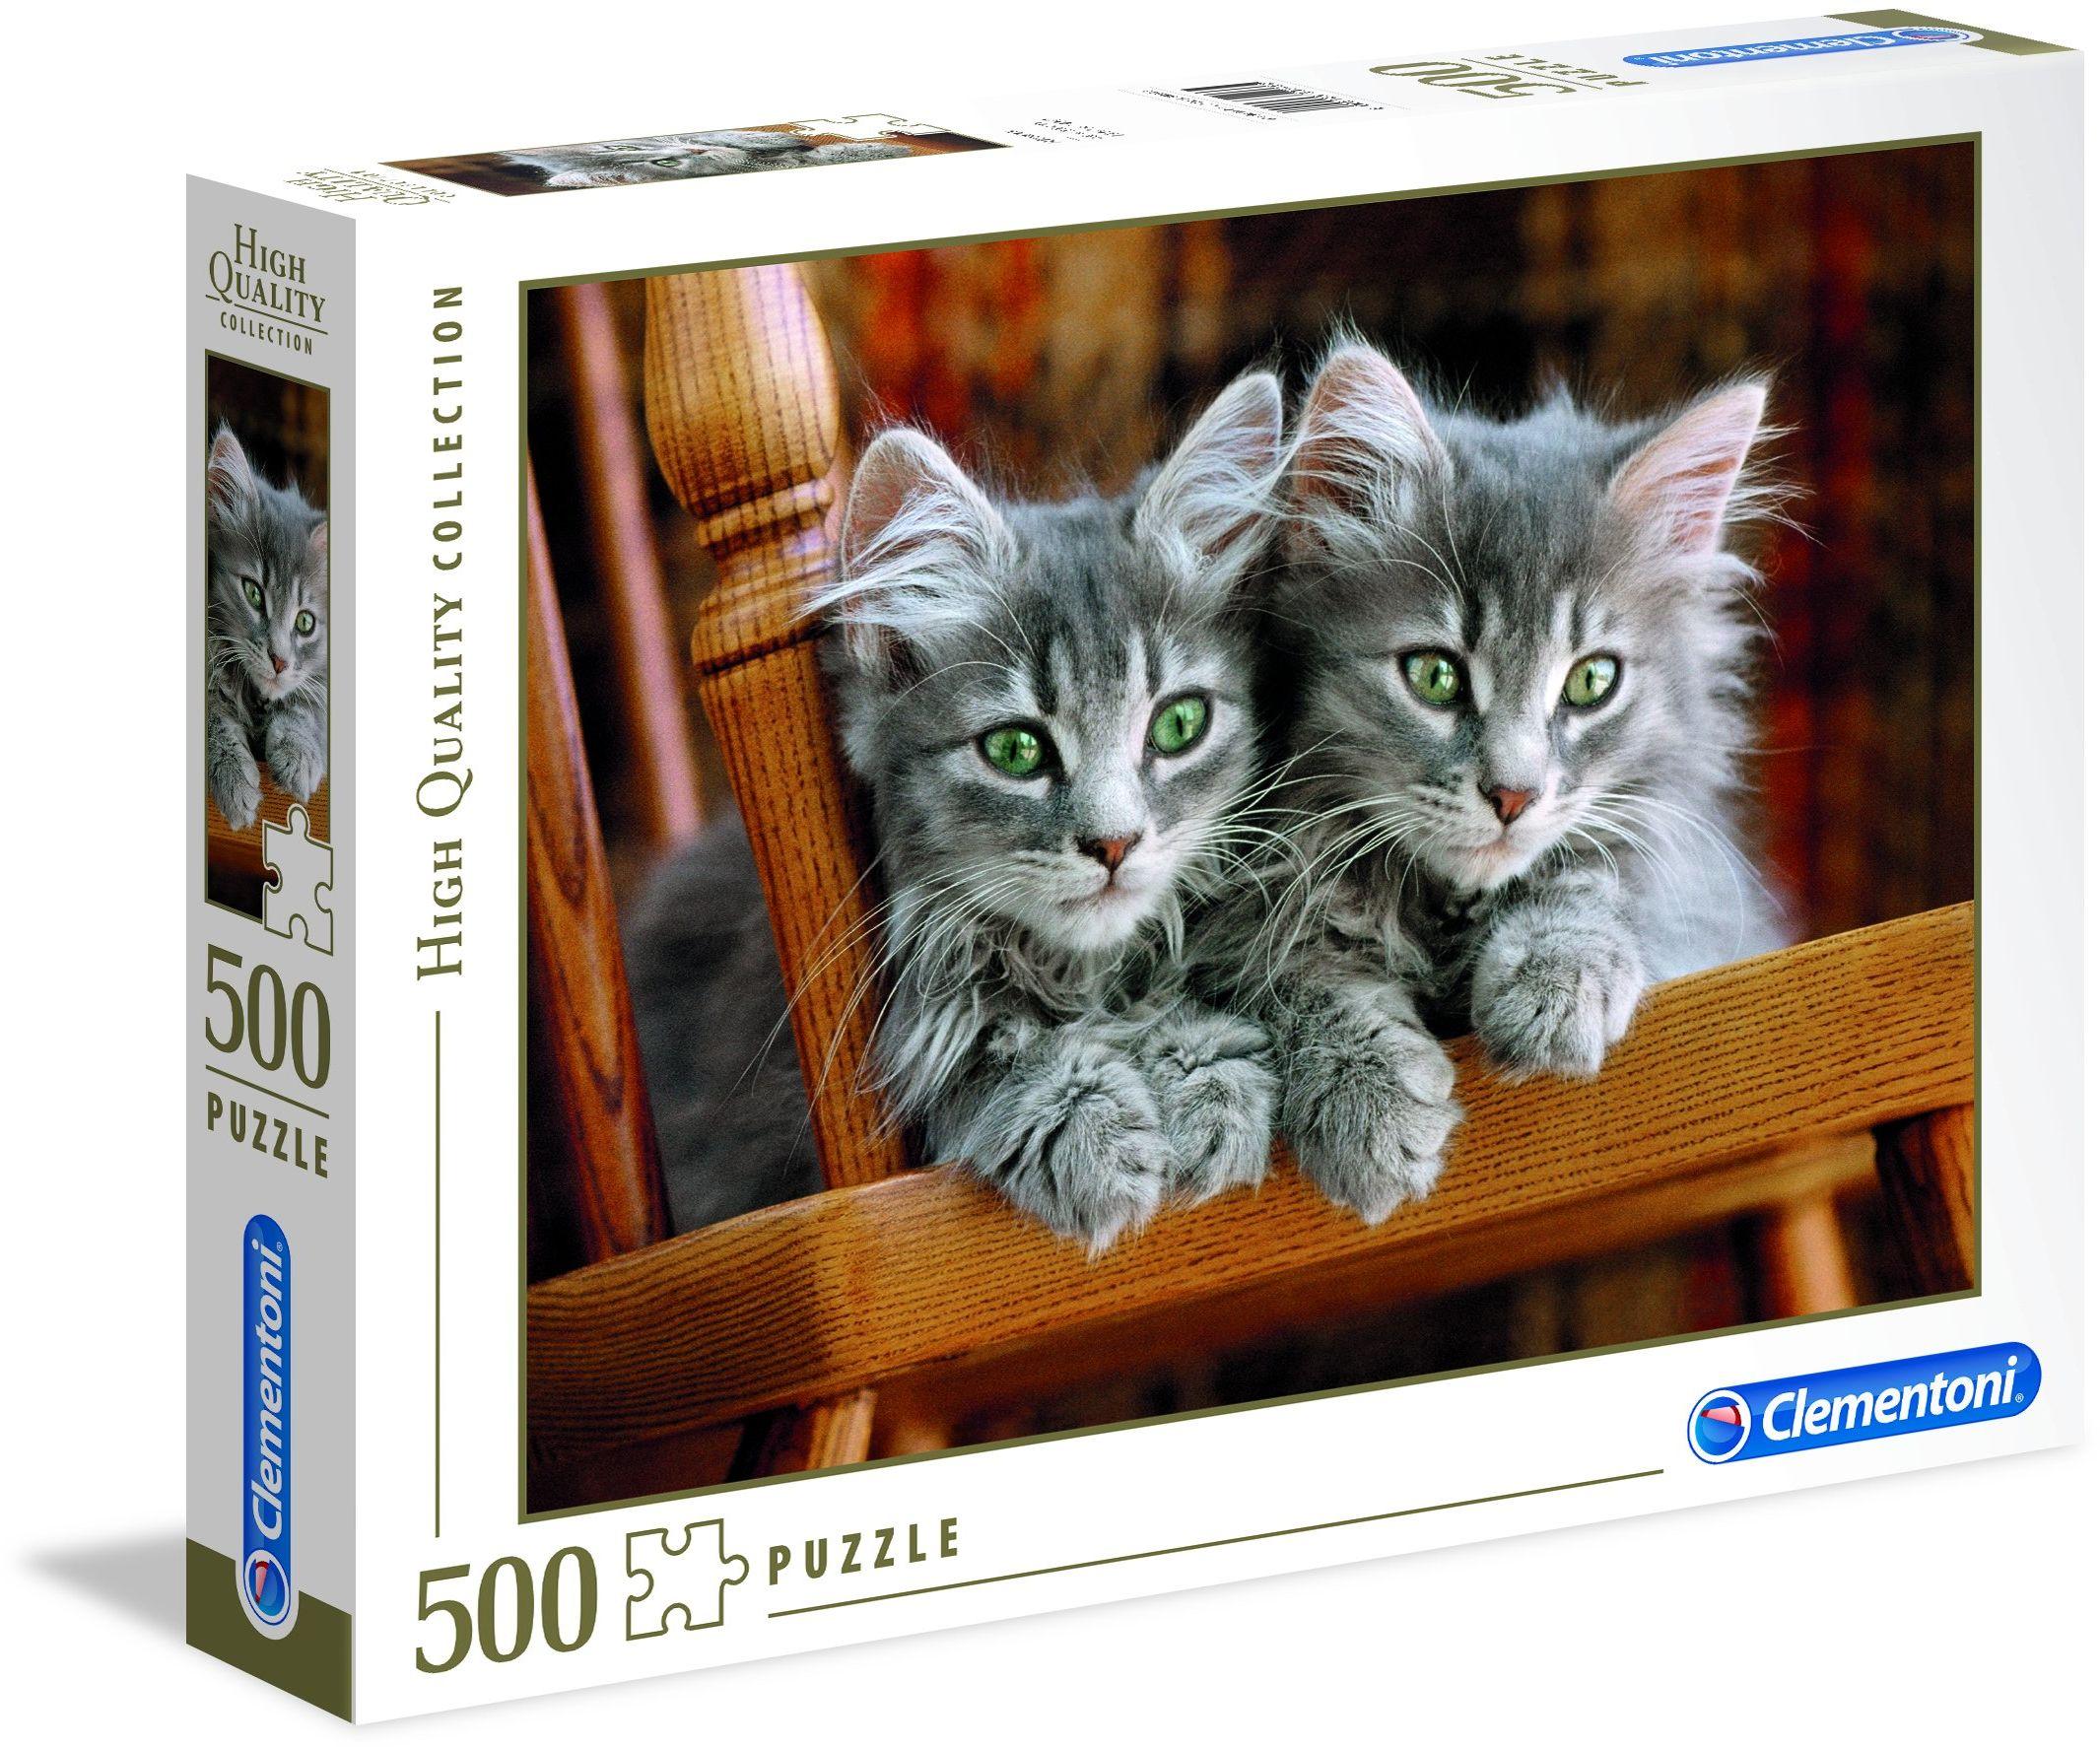 Clementoni 30545.2 - Puzzle High Quality Kolekcja kotki, 500 części